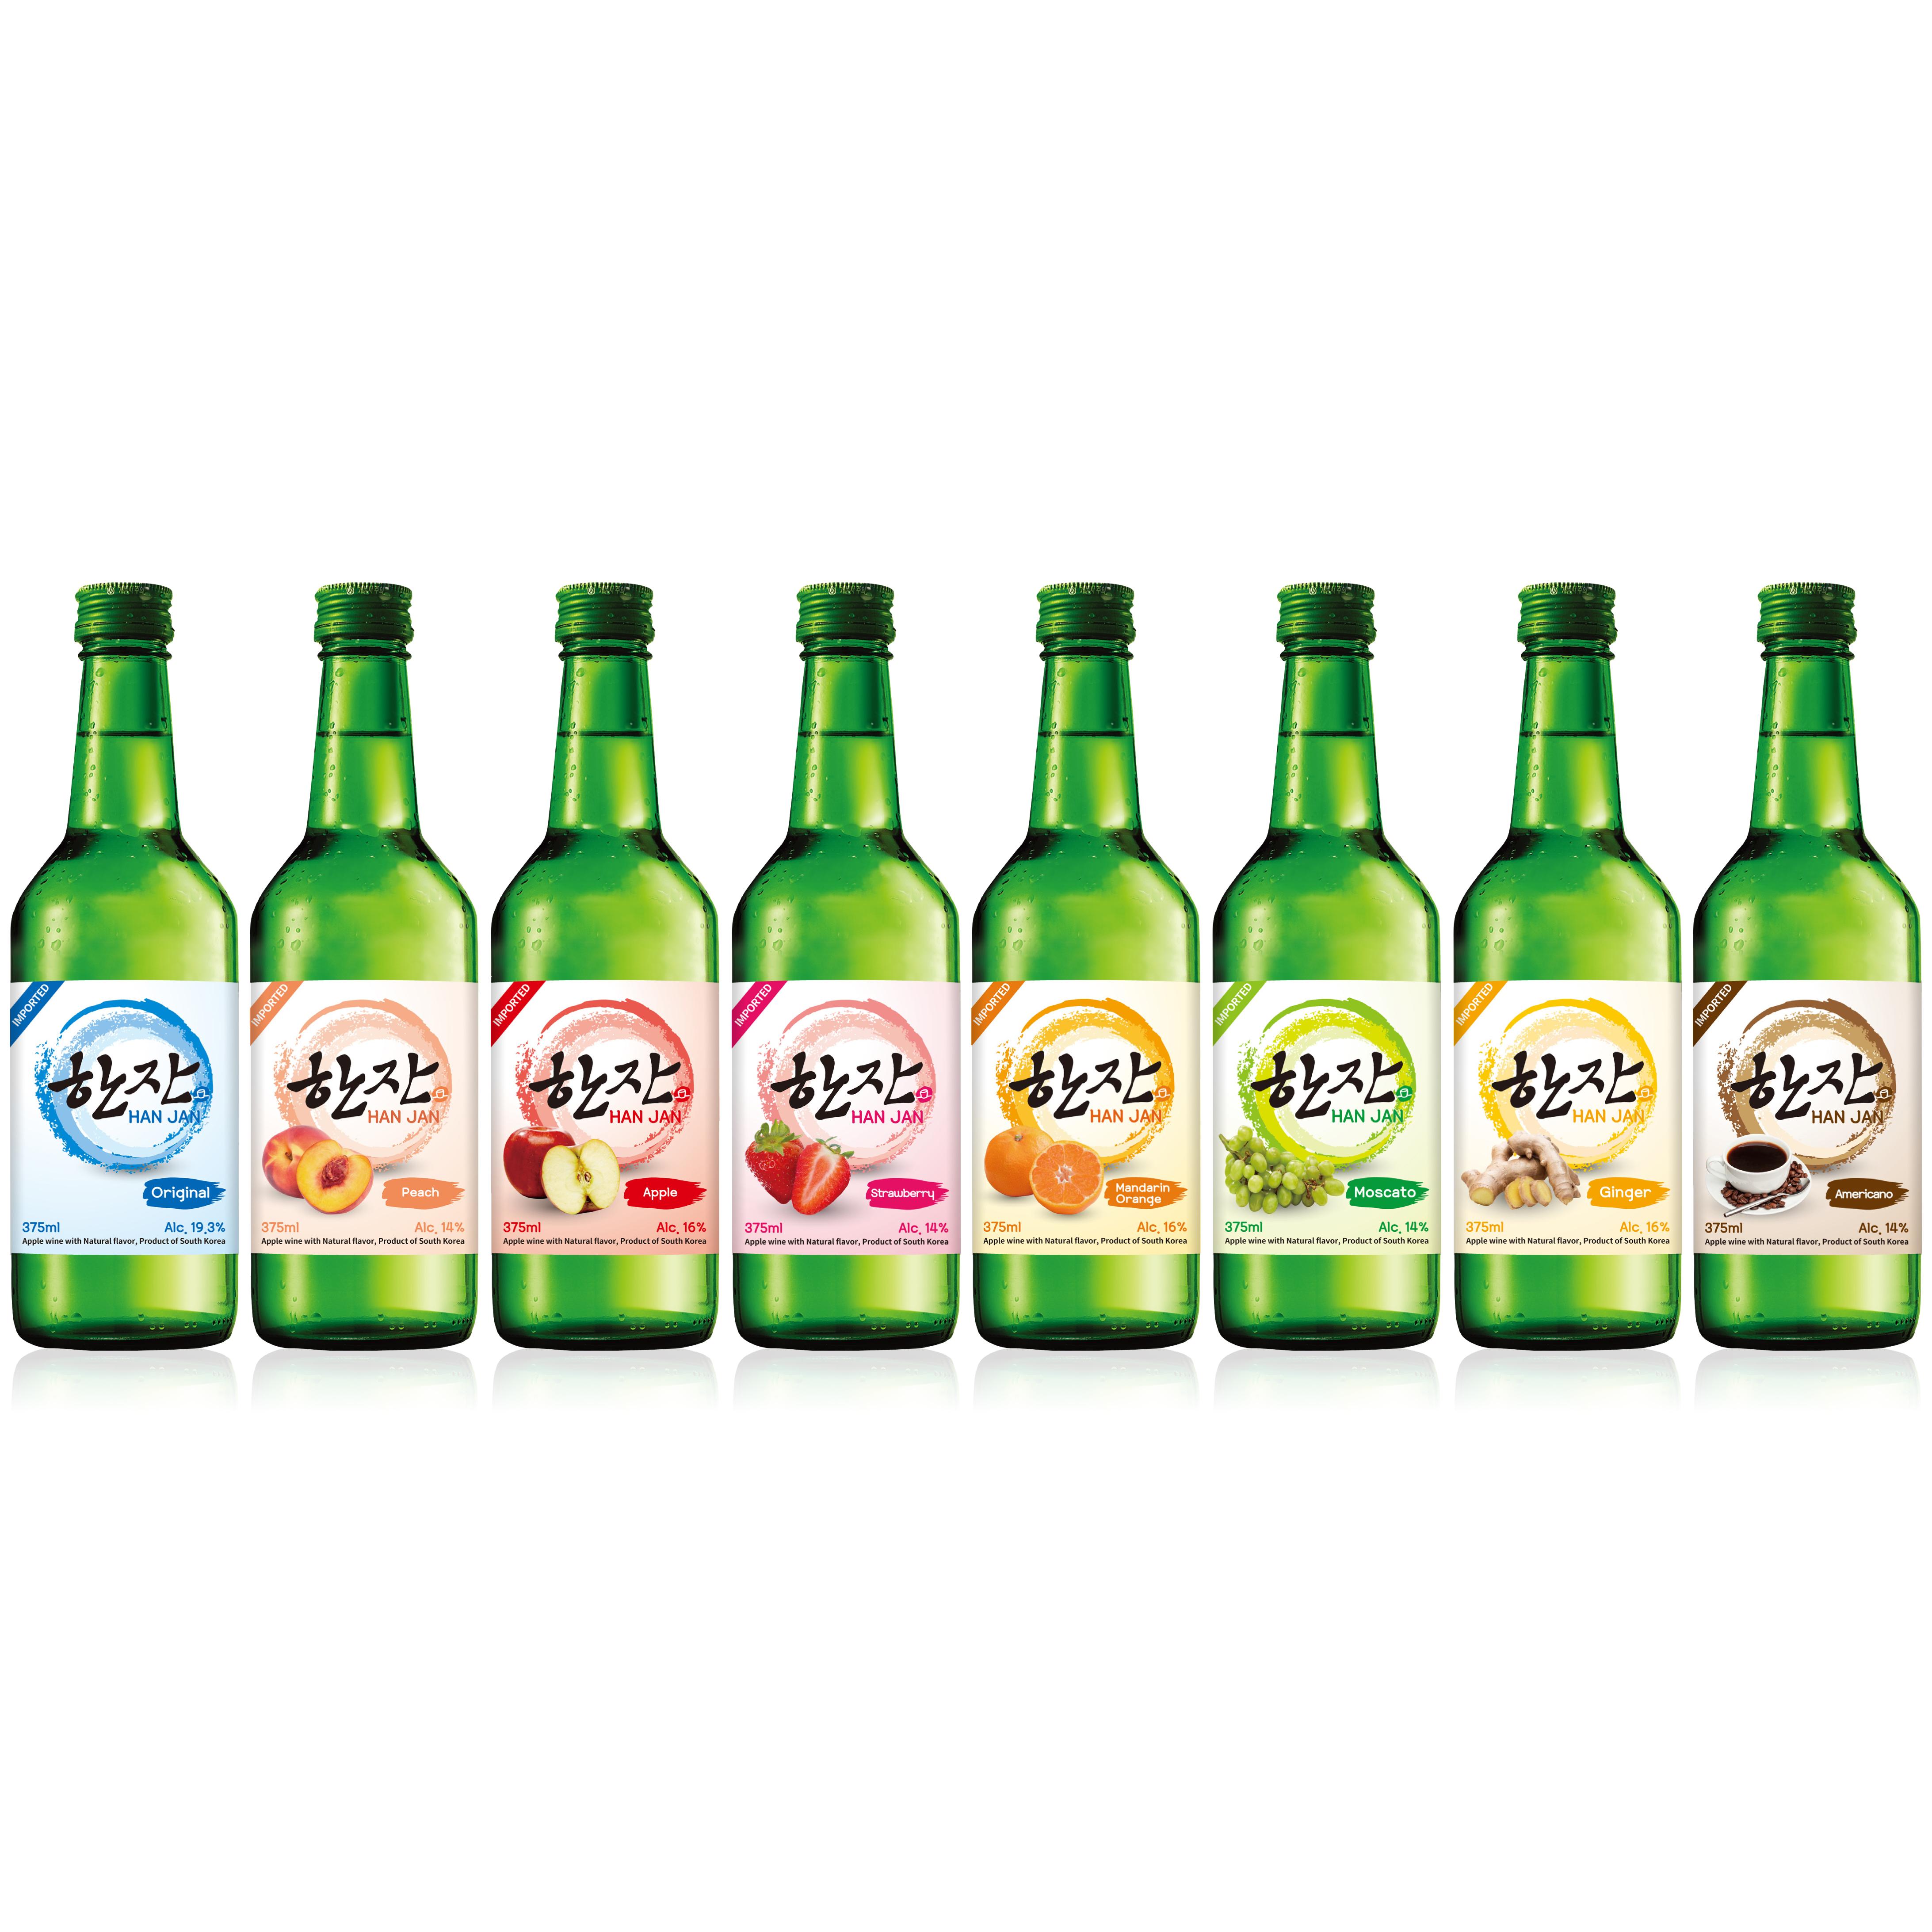 HanJan, Soju, корейское вино с фруктовым вкусом, яблочное вино, 375 мл